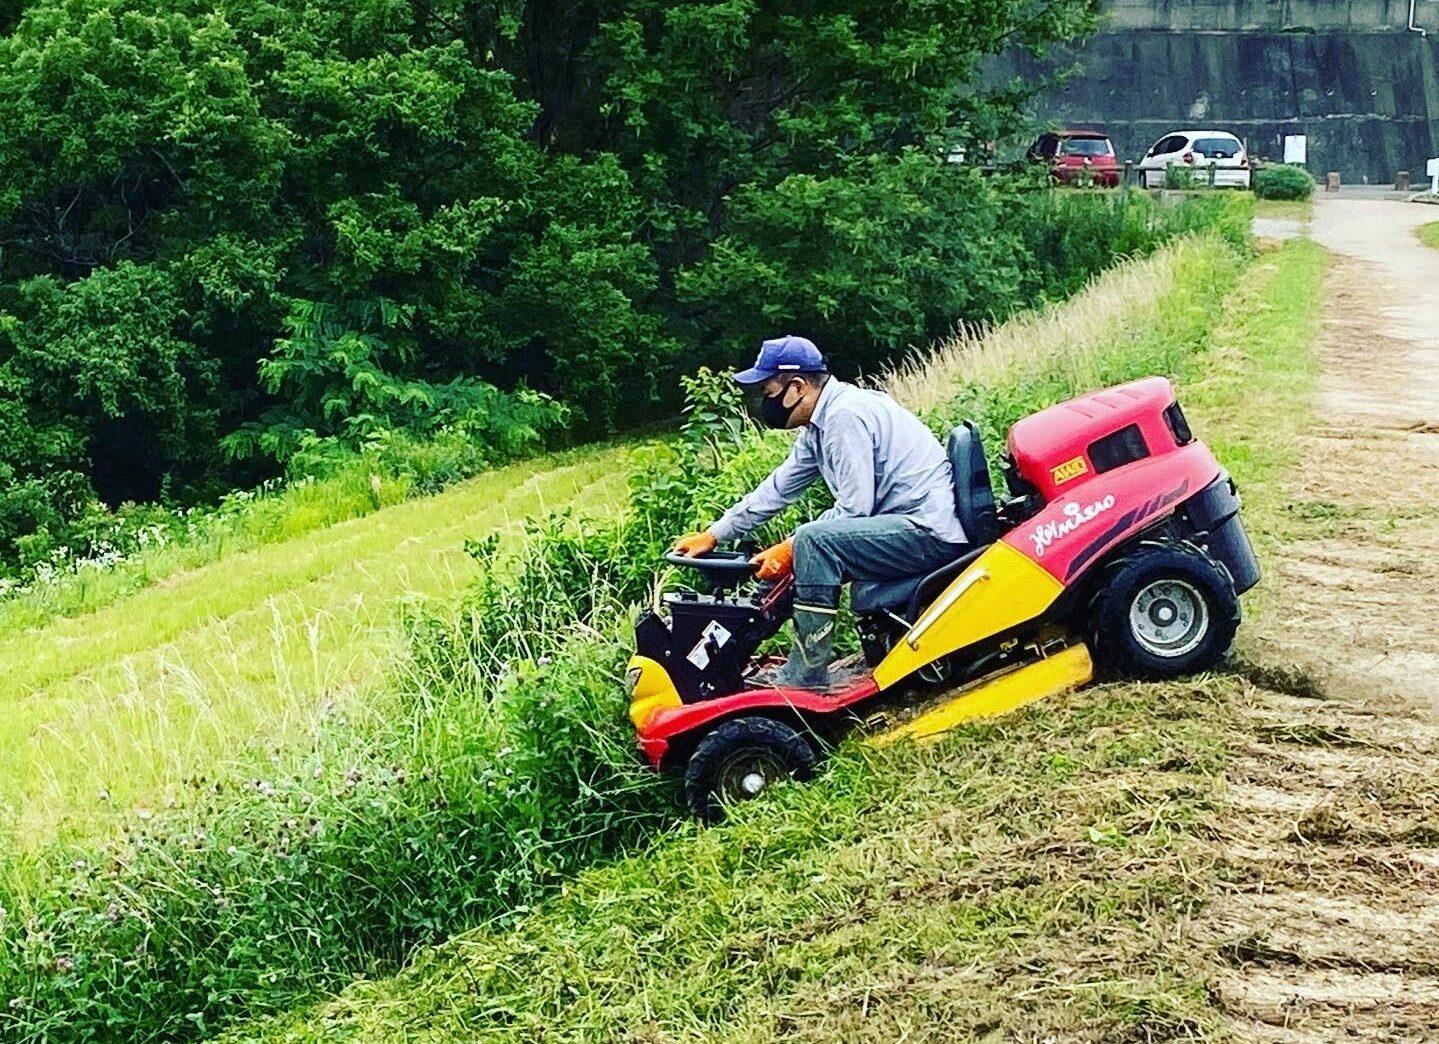 写真のミニカーのような車🚗 これは草刈機です。かなりの急斜面を運転しています!乗りこなすには運転技術がいりそうですね。